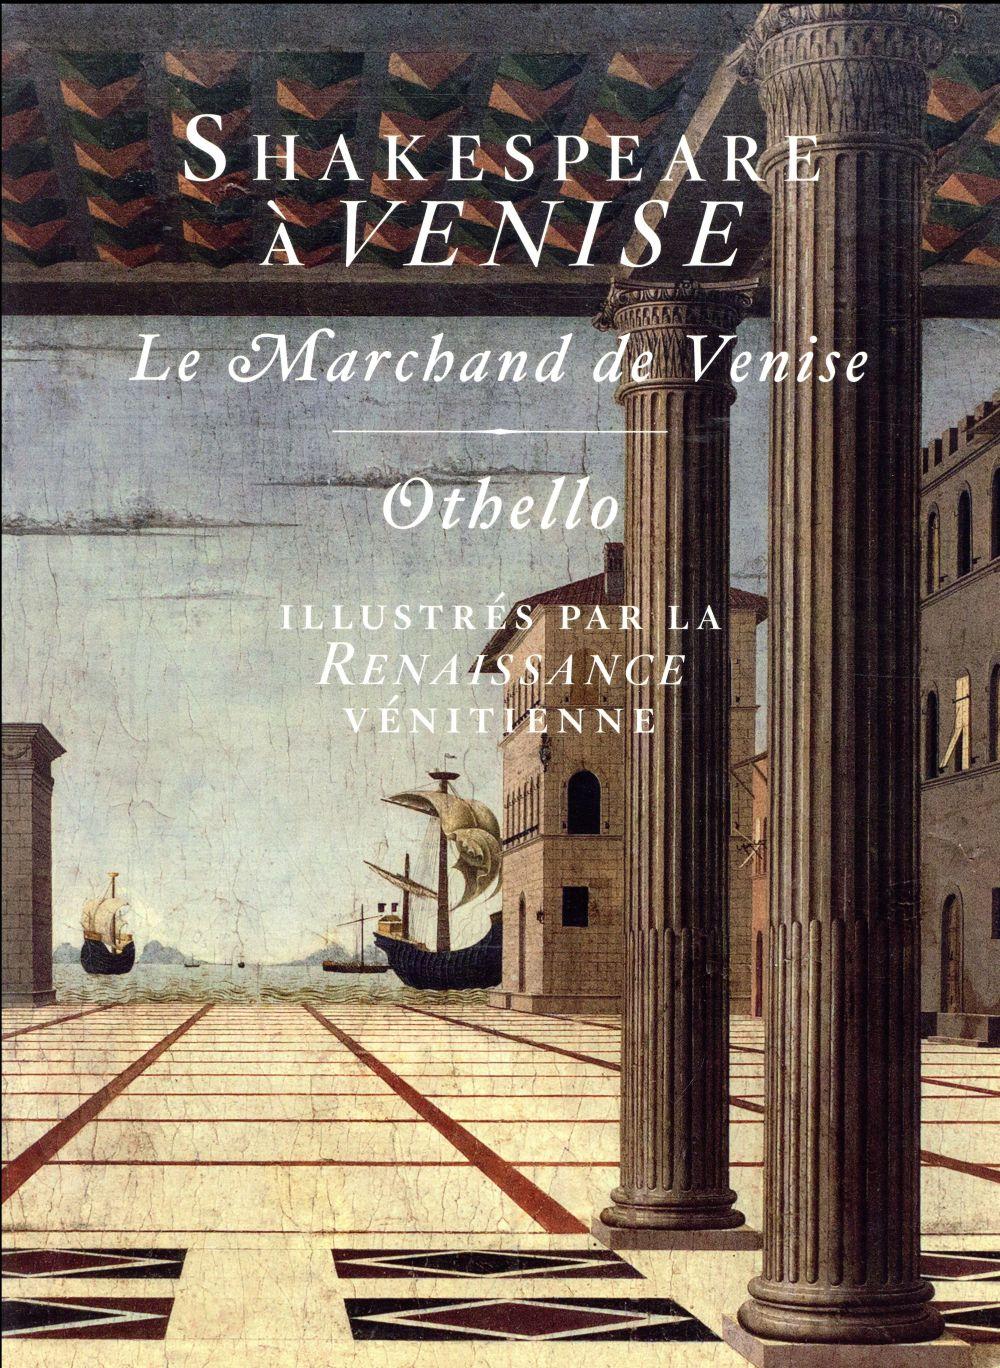 Shakespeare à Venise ; le Marchand de Venise et Othello illustrés par la Renaissance vénitienne